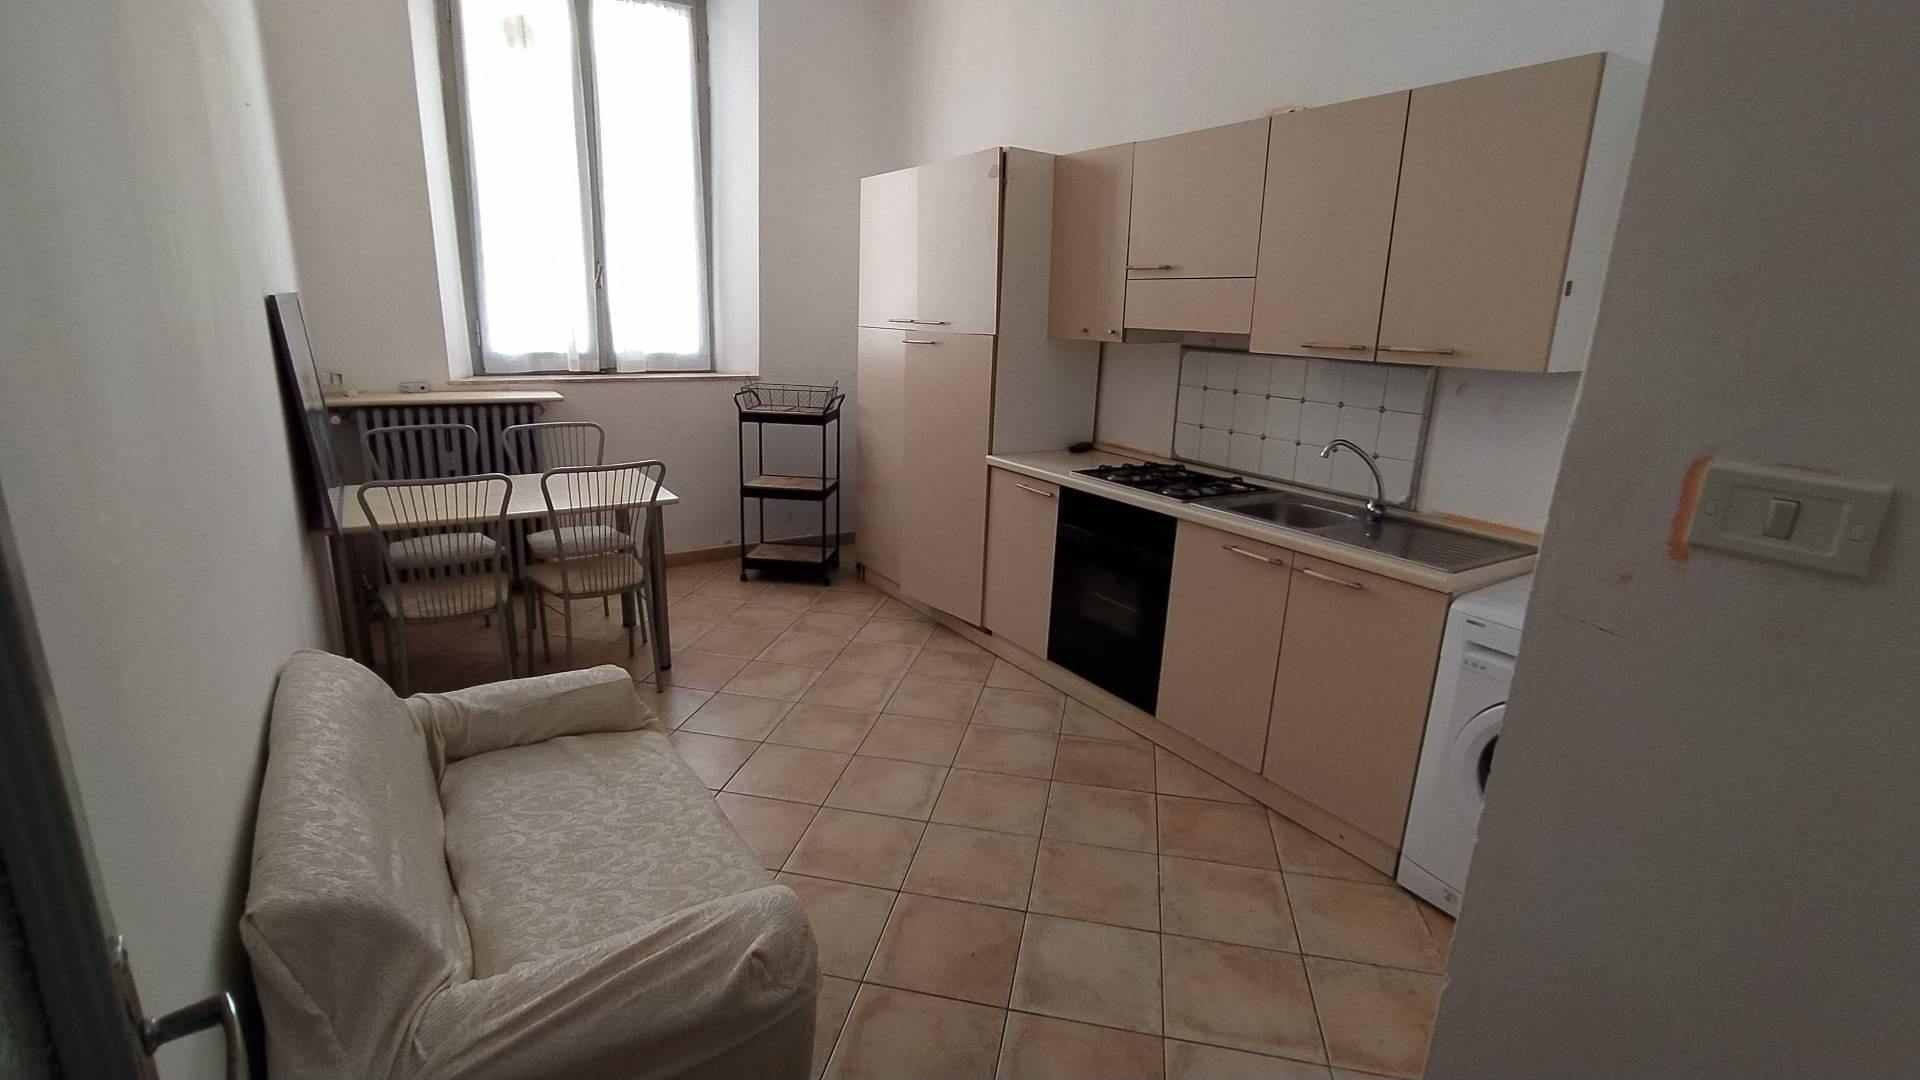 Appartamento in affitto a Casale Monferrato, 2 locali, prezzo € 330 | PortaleAgenzieImmobiliari.it